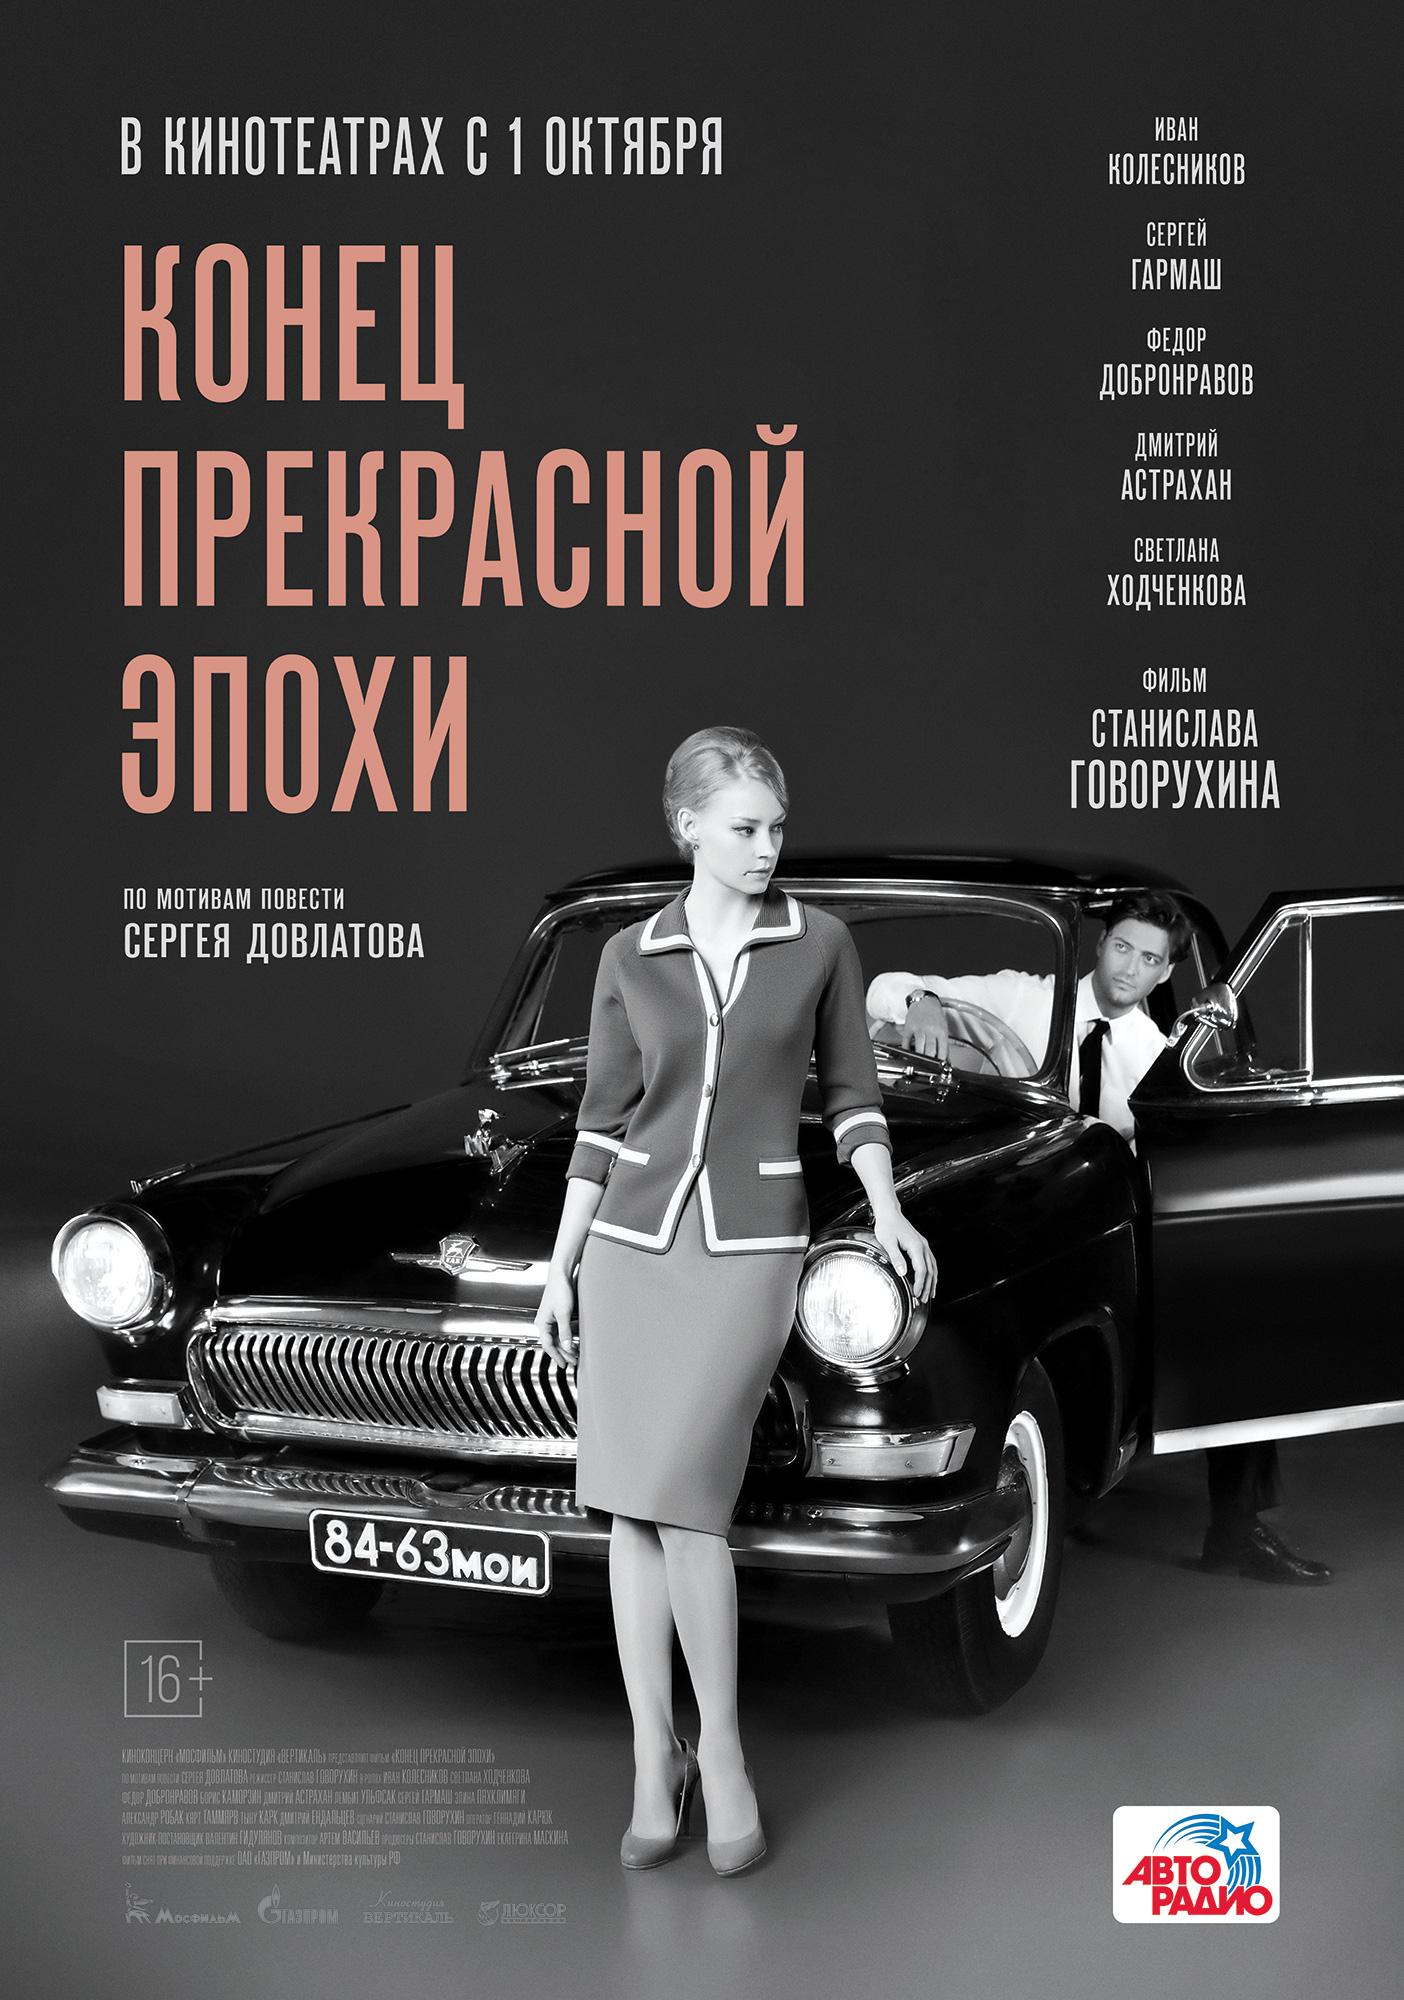 Конец прекрасной эпохи, Россия, 2015, WEBDLRip 1080р, лицензия, торрент, магнет-ссылка, 16+